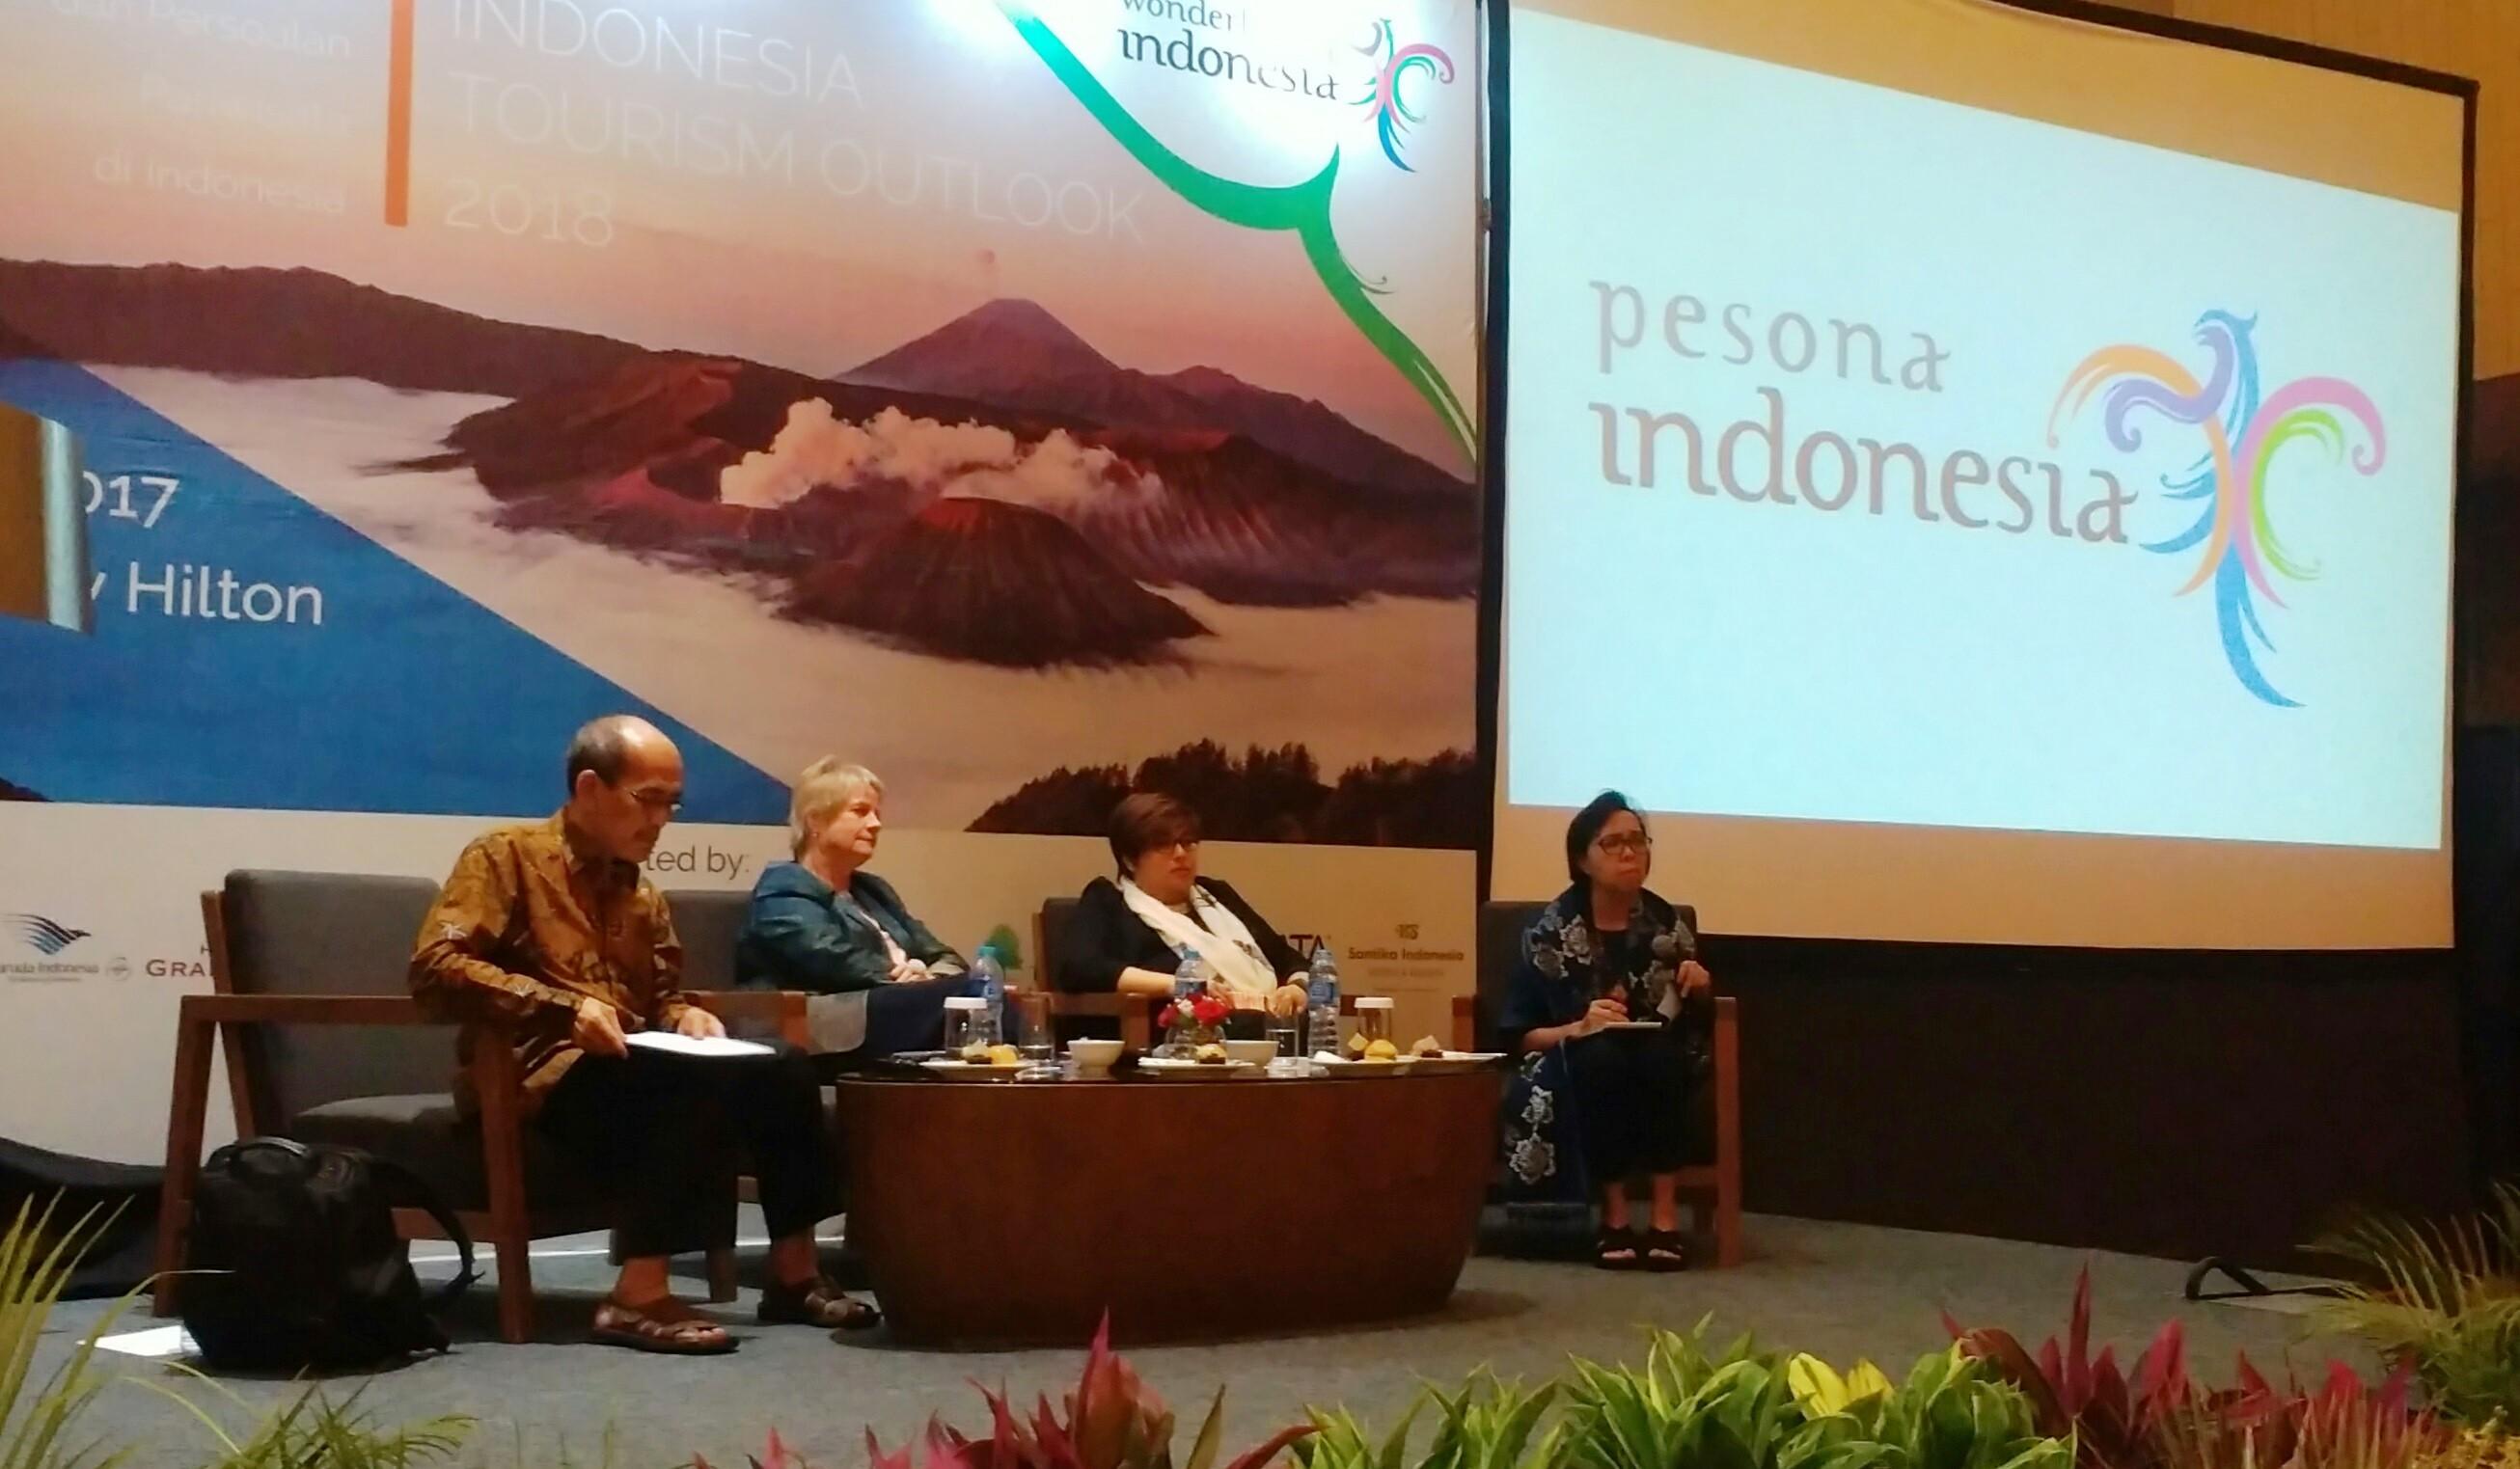 Indonesia Tourism Outlook 2018, Melihat Prospek dan Tantangan Pariwisata 2018